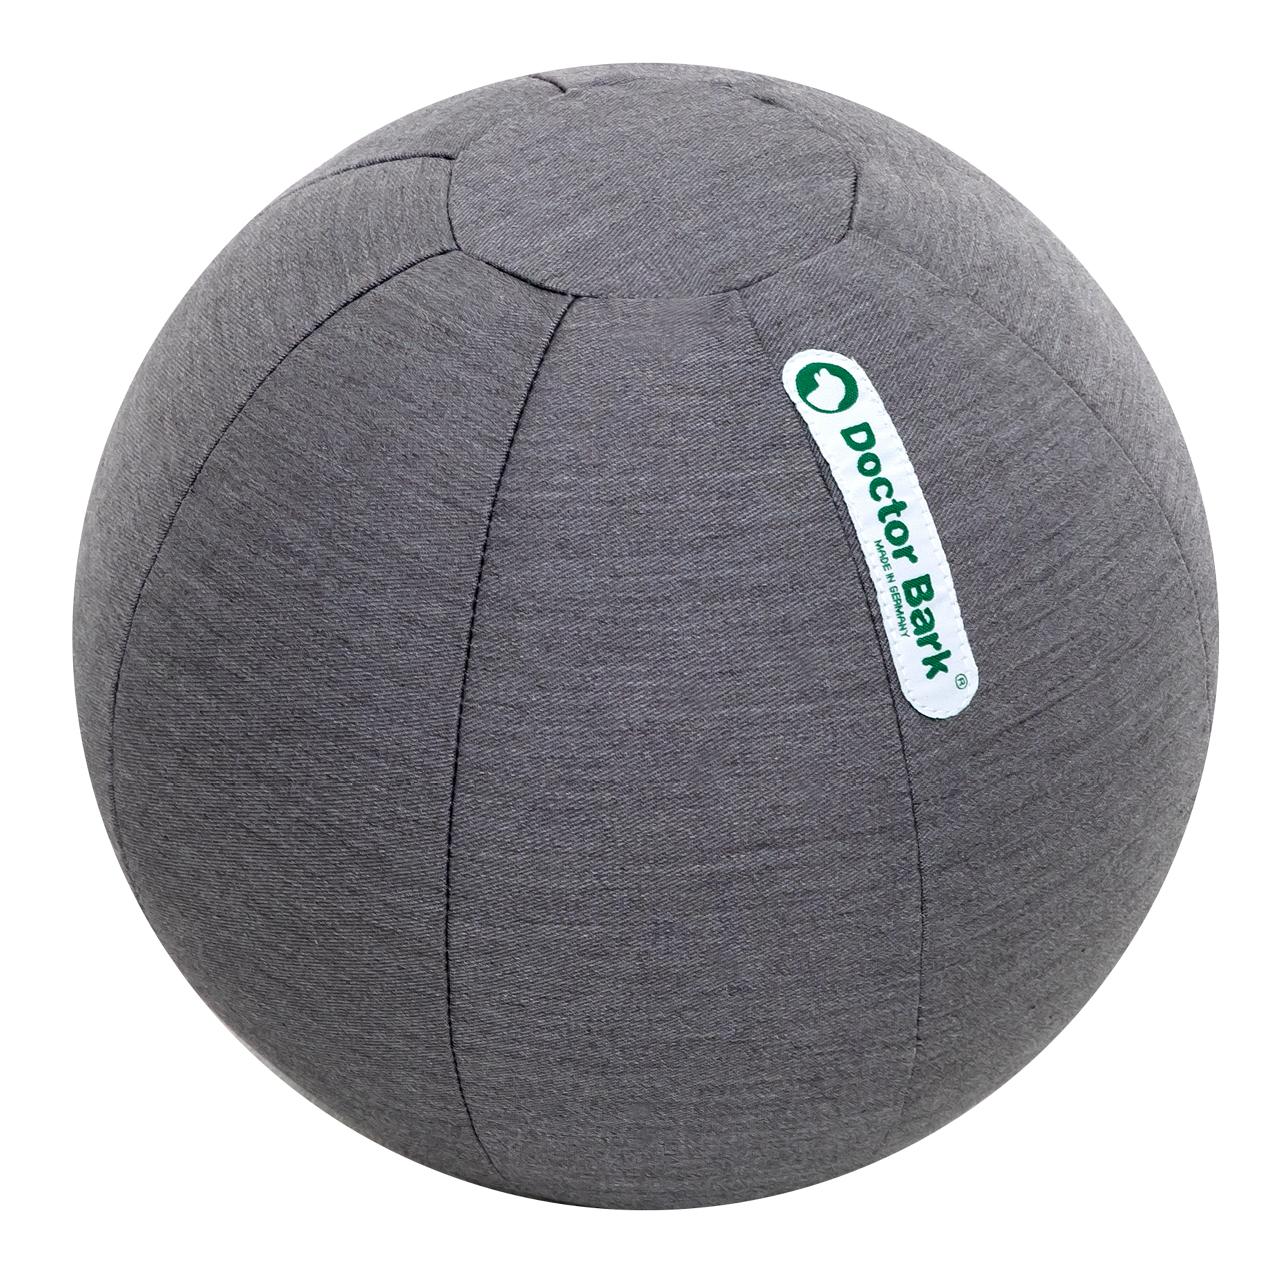 Toy Ball M grau